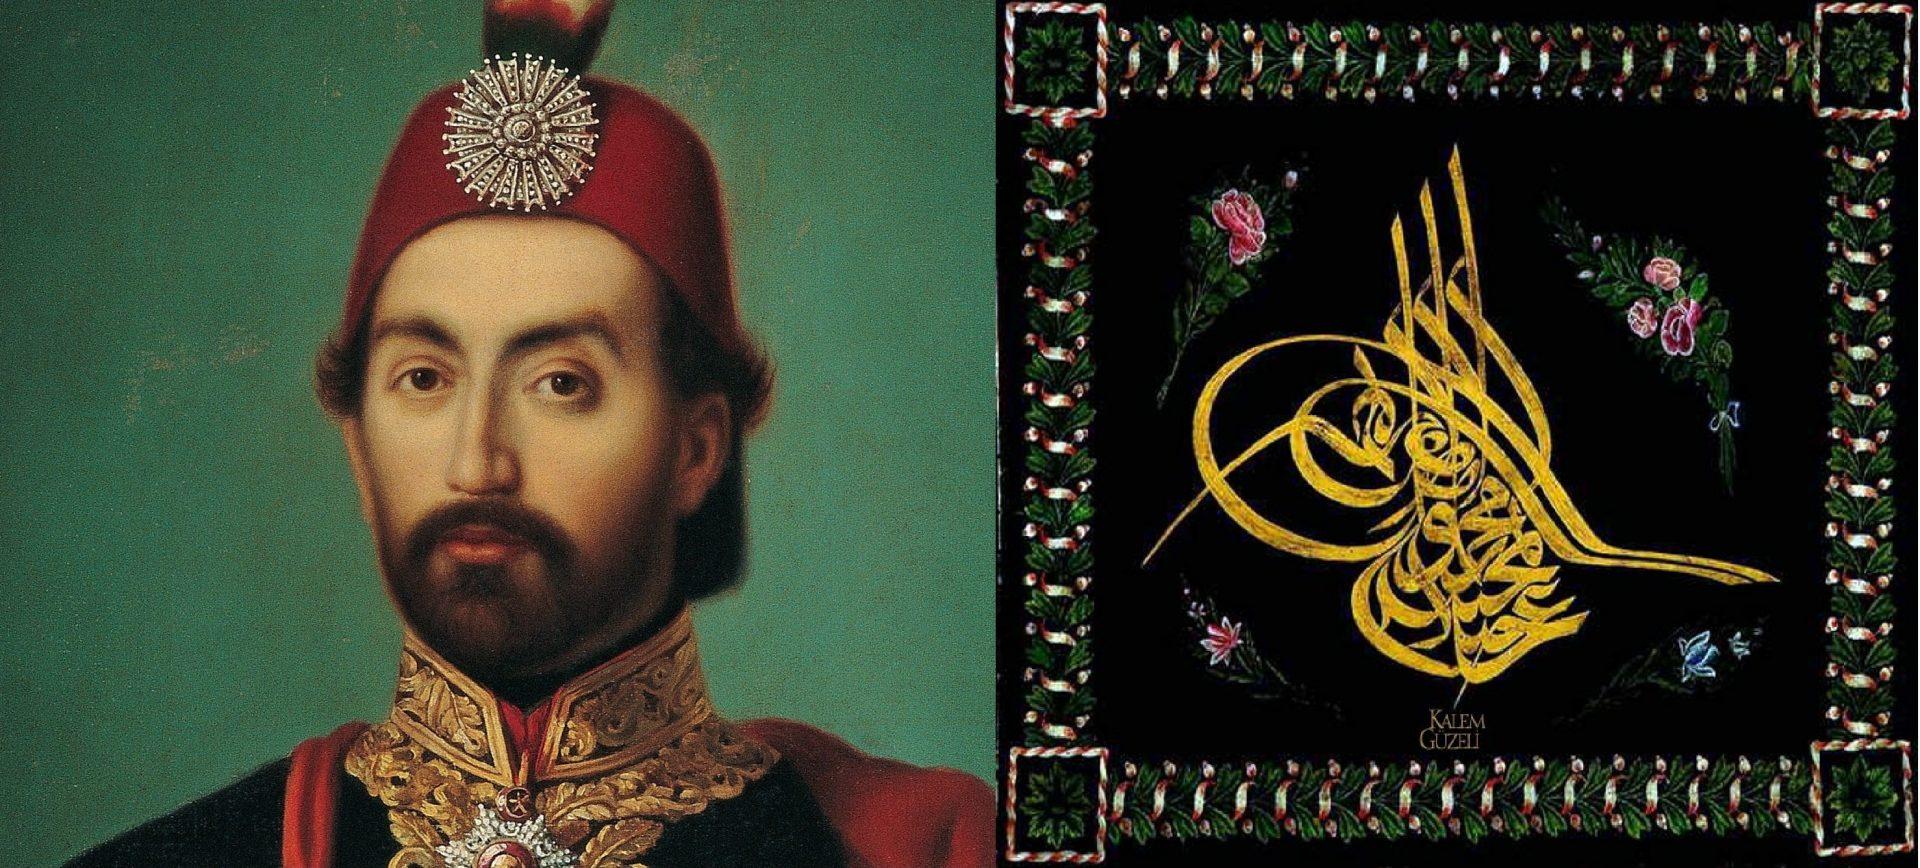 Osmanlı Sultanı Abdülmecid Han Kimdir Saltanatı Hayatı Önemli Olayları Kısaca Hayatı Kısa Biyografisi Nedir Halife Ottoman Empire